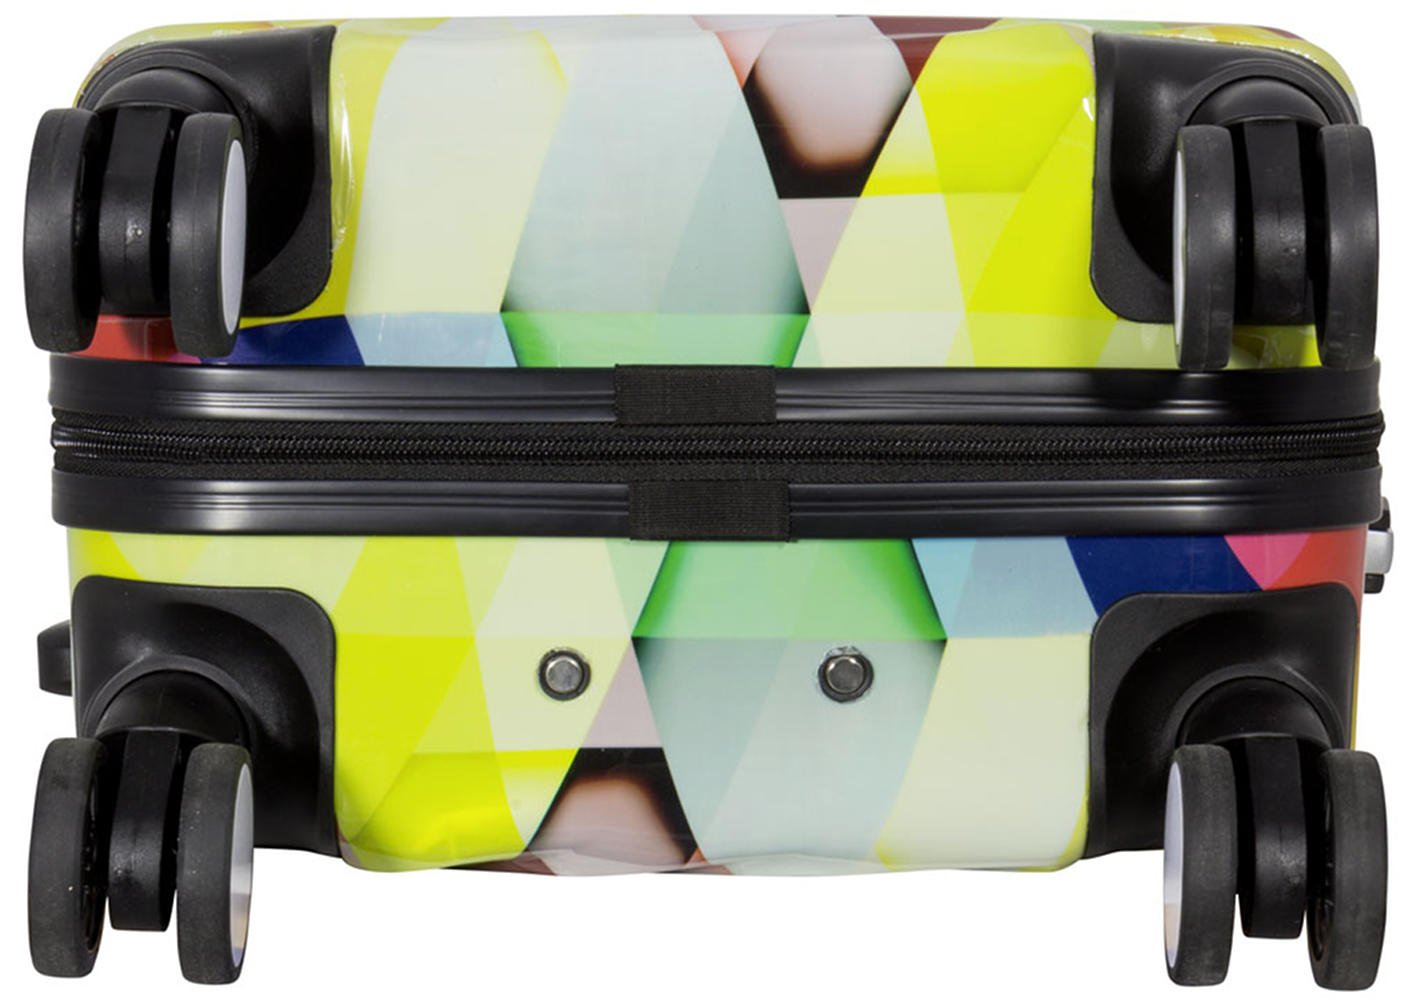 Set Trolley Reisekoffer Reisetrolley Handgep/äck Boardcase PM Kofferset Gep/äckset Polycarbonat ABS Hartschalen Koffer 3tlg American Highway